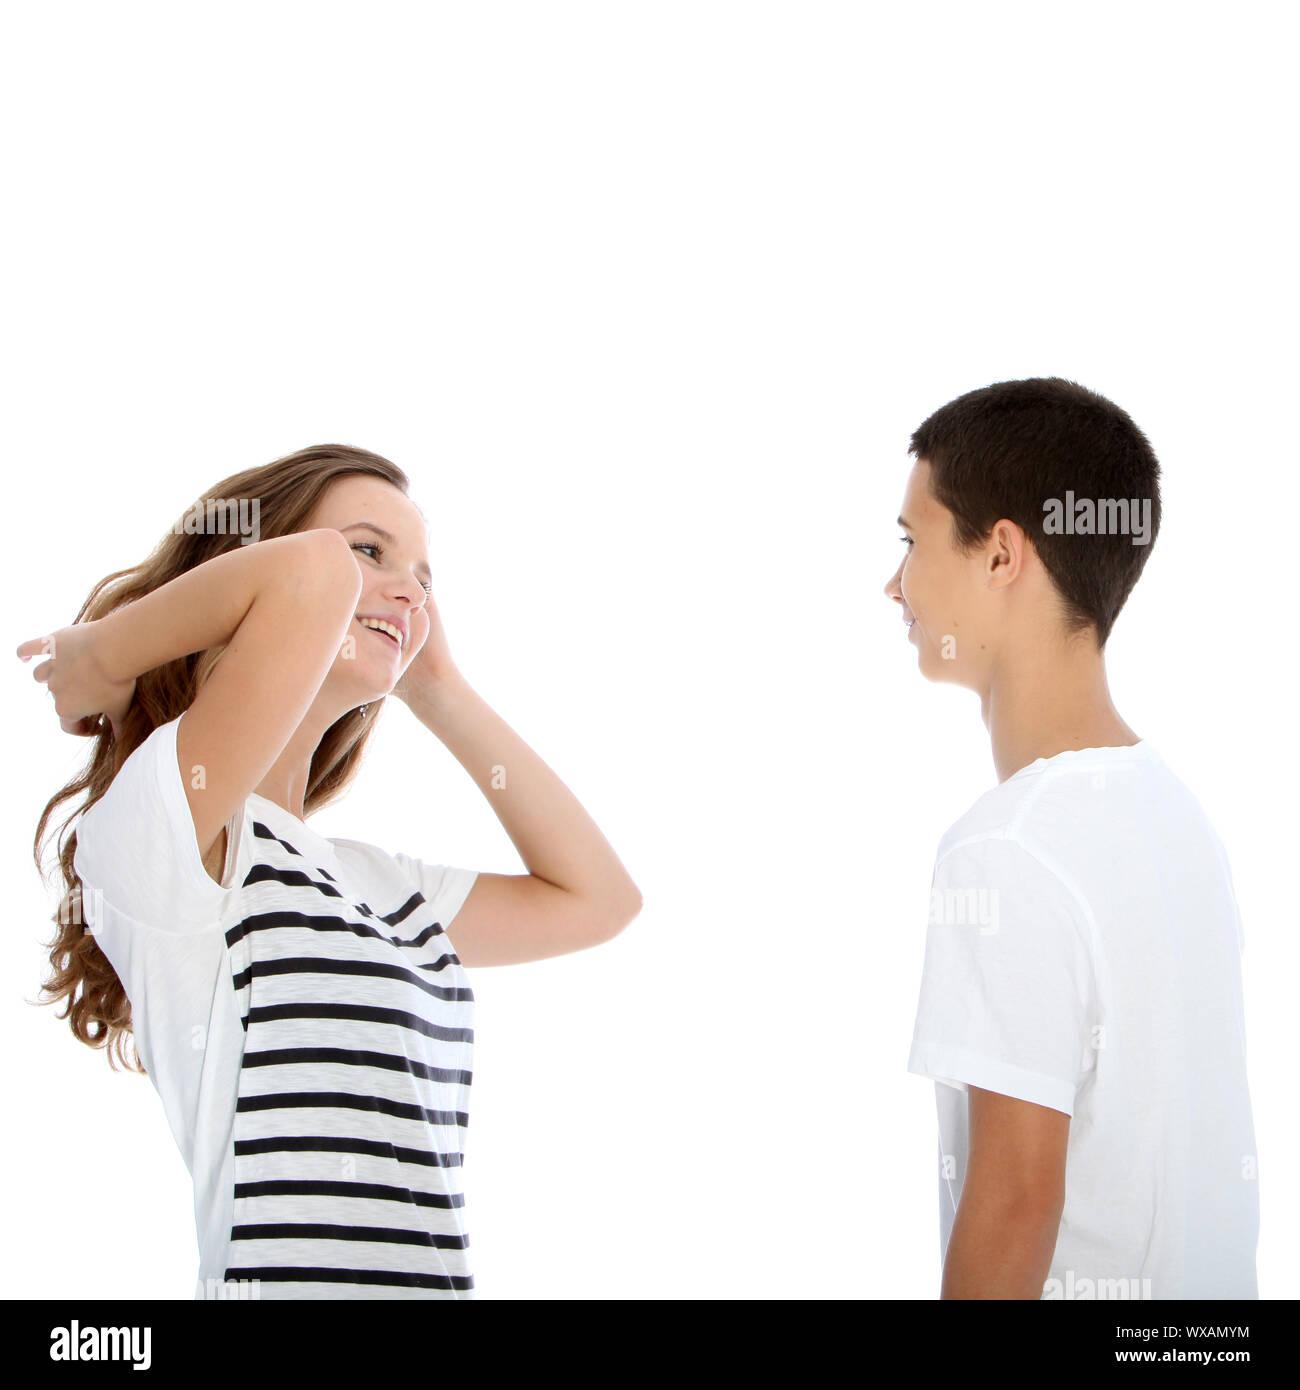 Giovane coppia adolescenti a parlare con la ragazza sfogliare i suoi capelli e ridere flirtaceously isolato su bianco Foto Stock